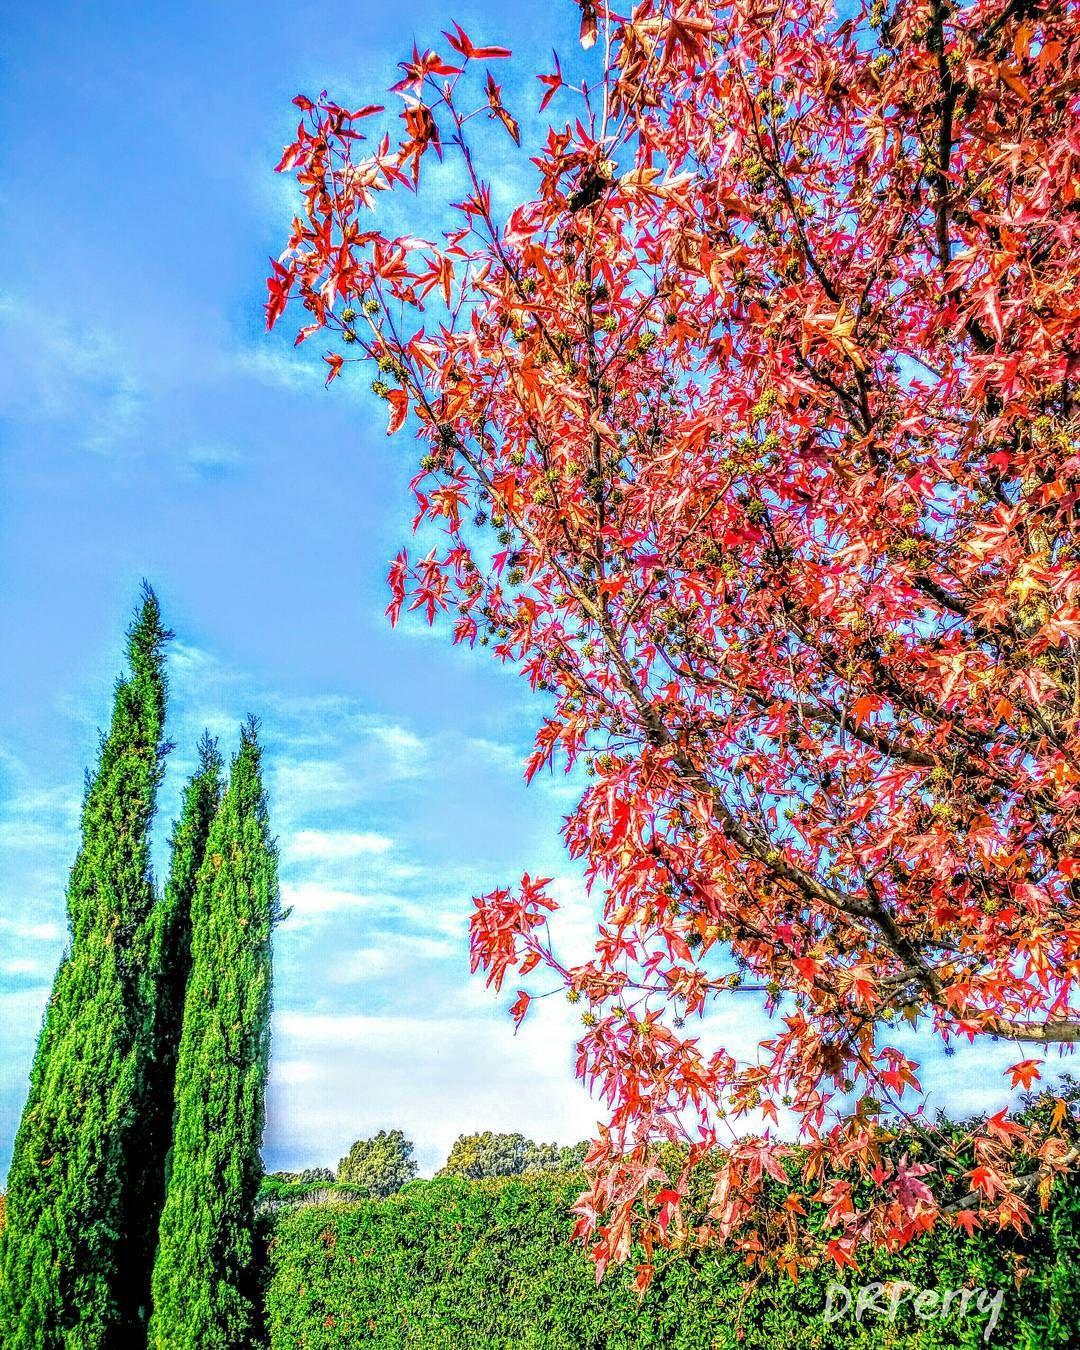 """""""Autunno Romano""""  #fb ##wp #rome #roma #italy #italia #tree #fall #repostromanticitaly #autunno #autumn #amazing #photobydperry"""